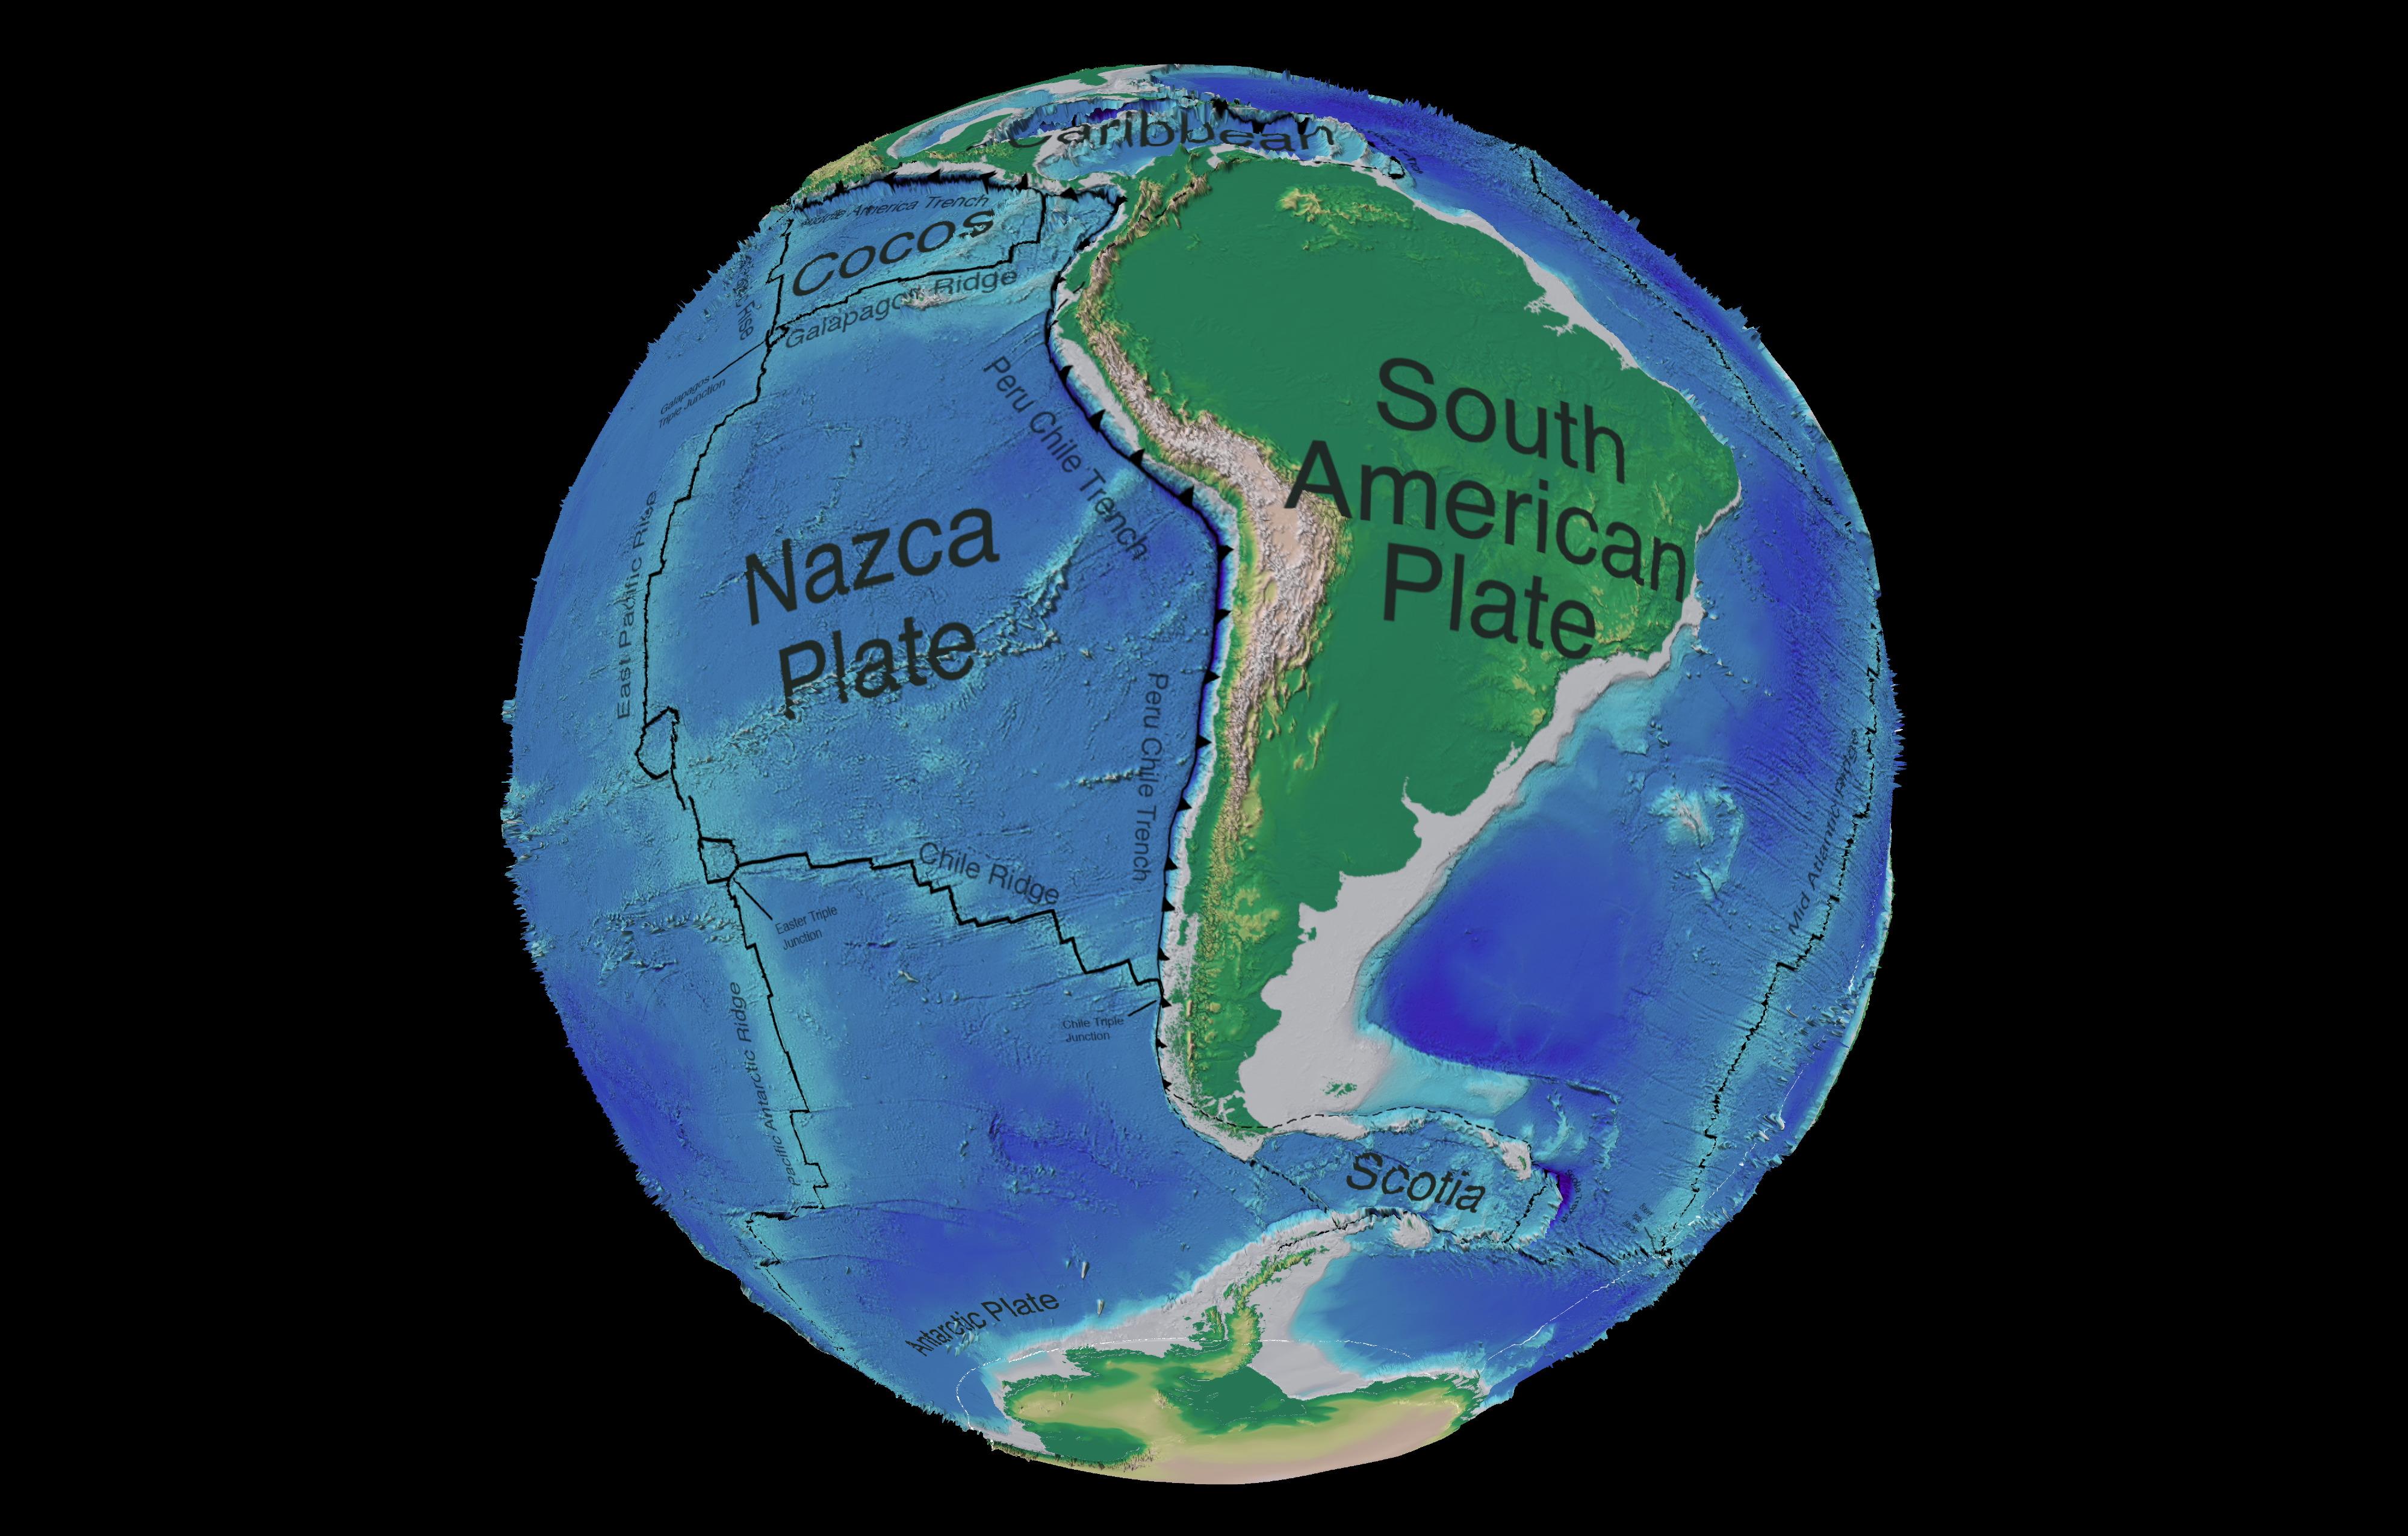 Mapa tectónico y batimétrico de América del Sur